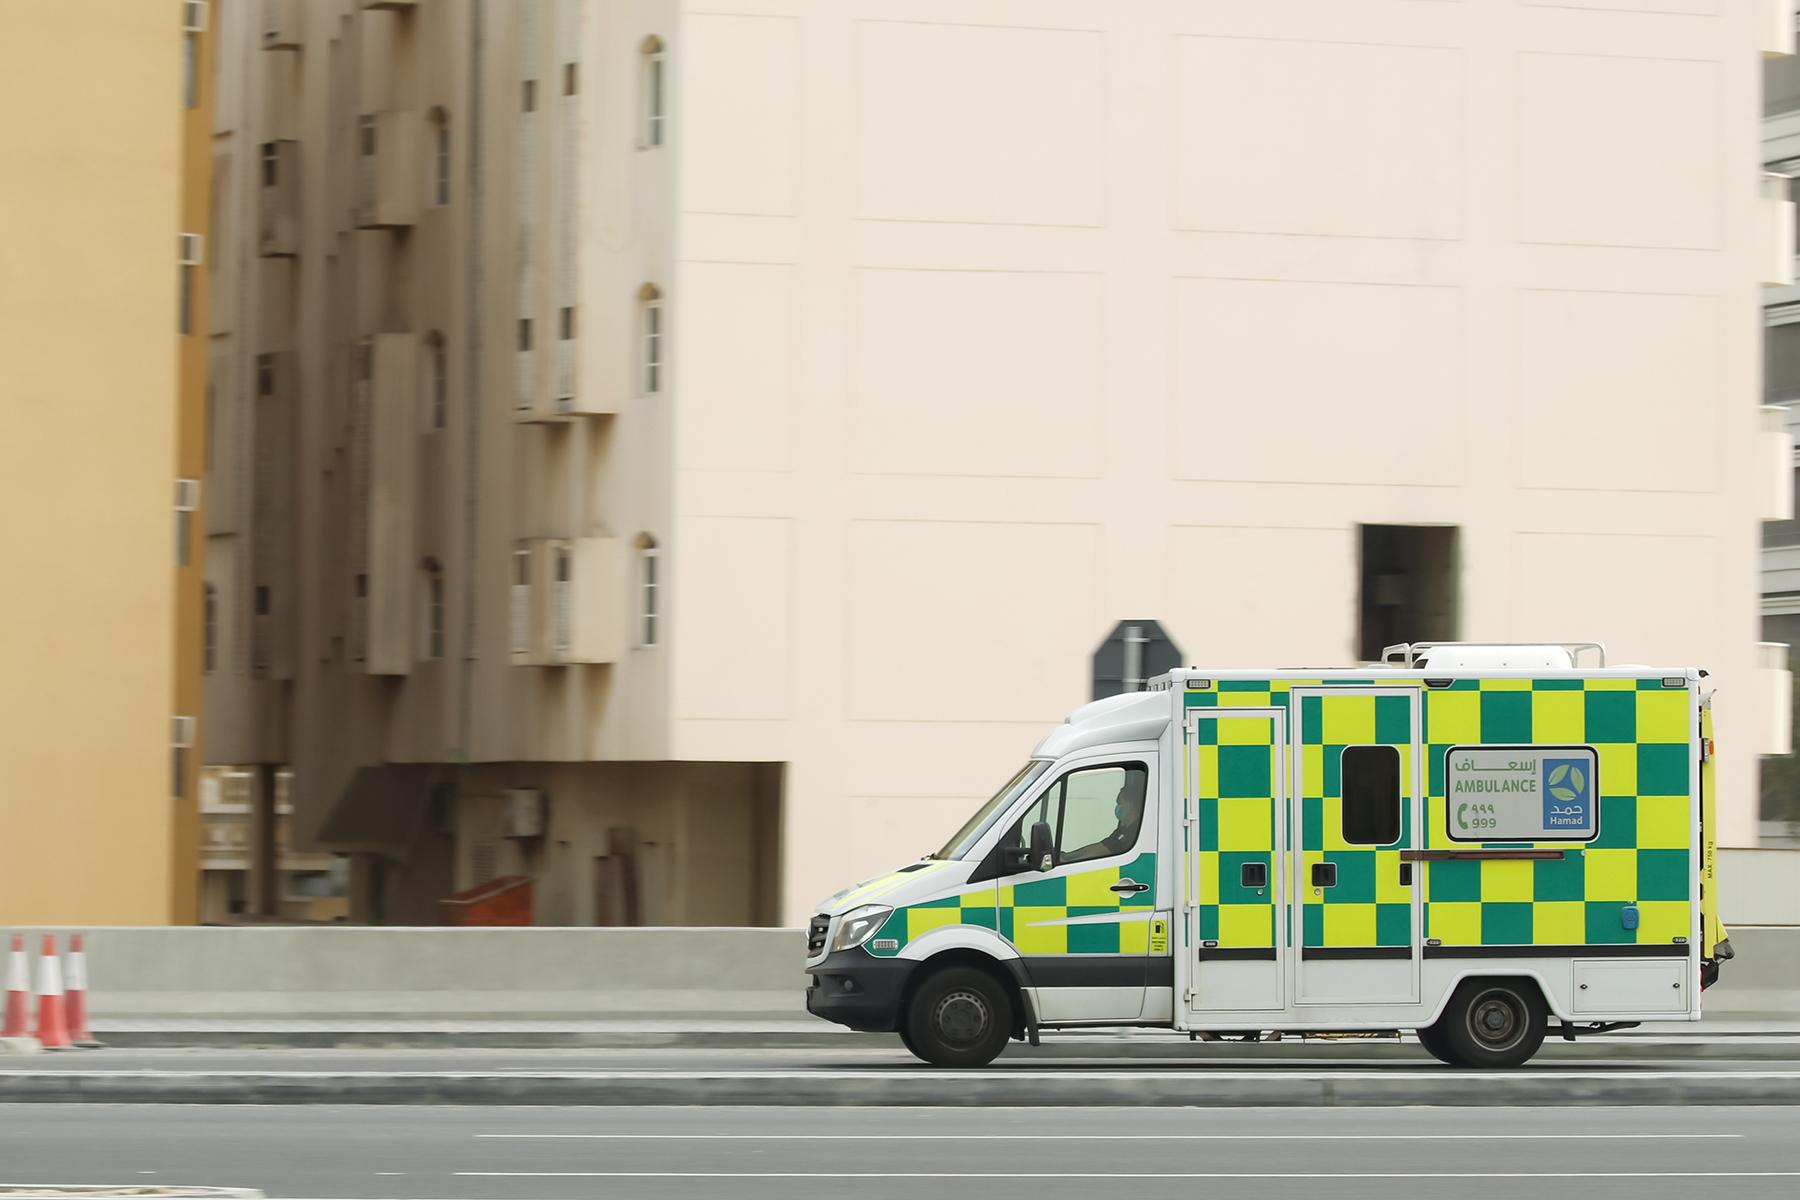 Ambulance in Doha